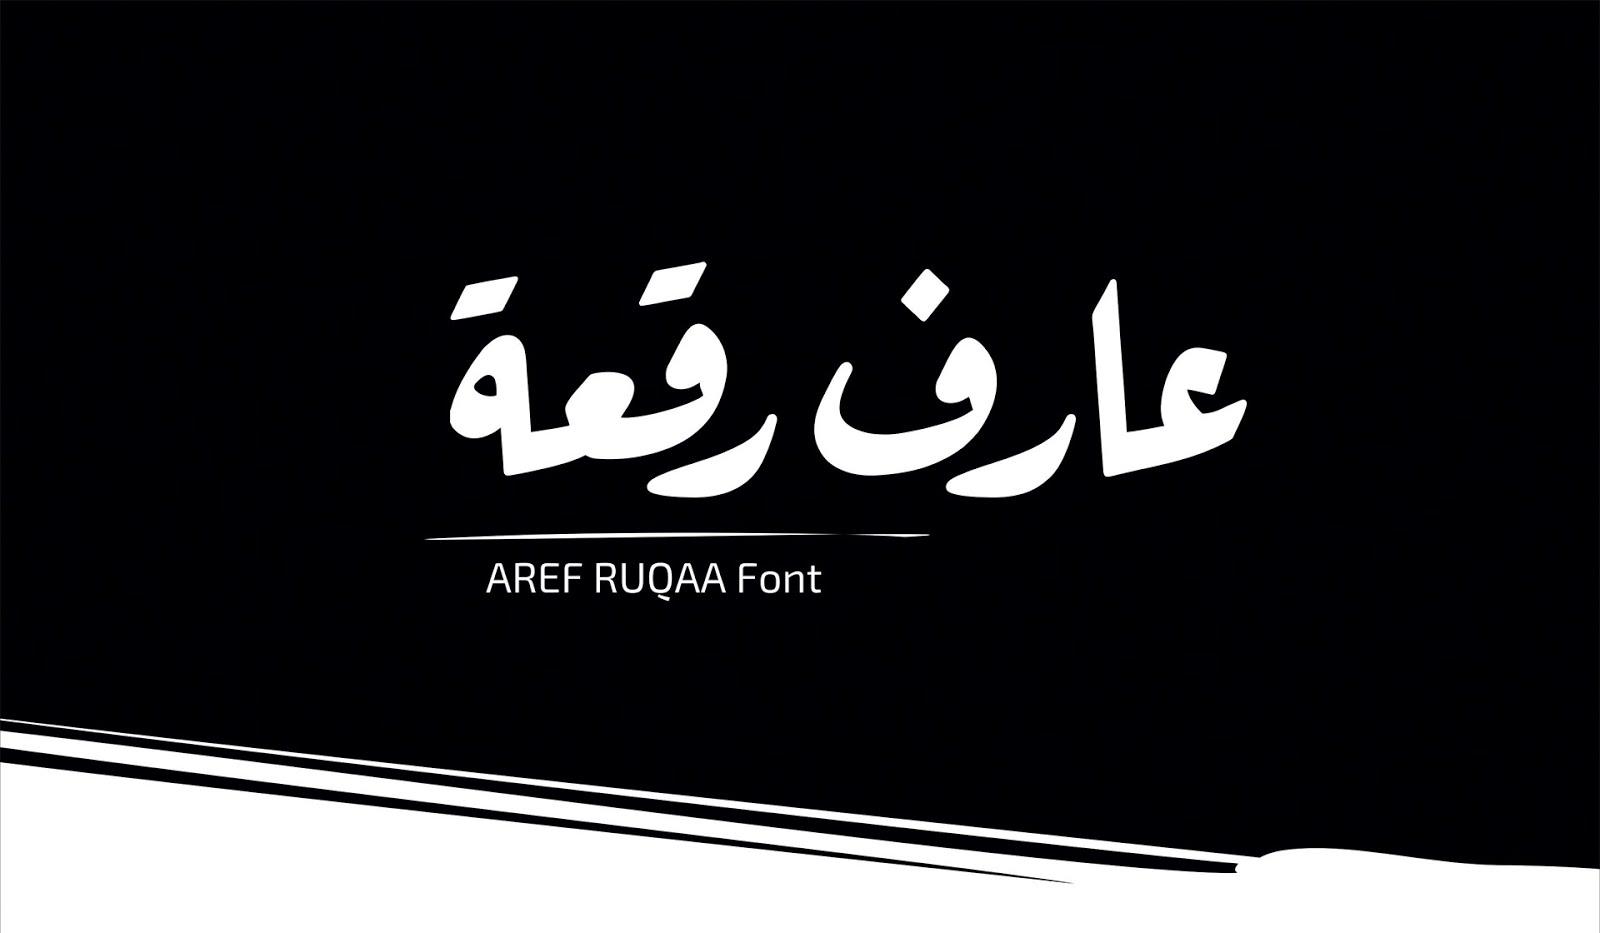 خط عارف رقعة Aref Ruqaa Font مبدعي الفوتوشوب